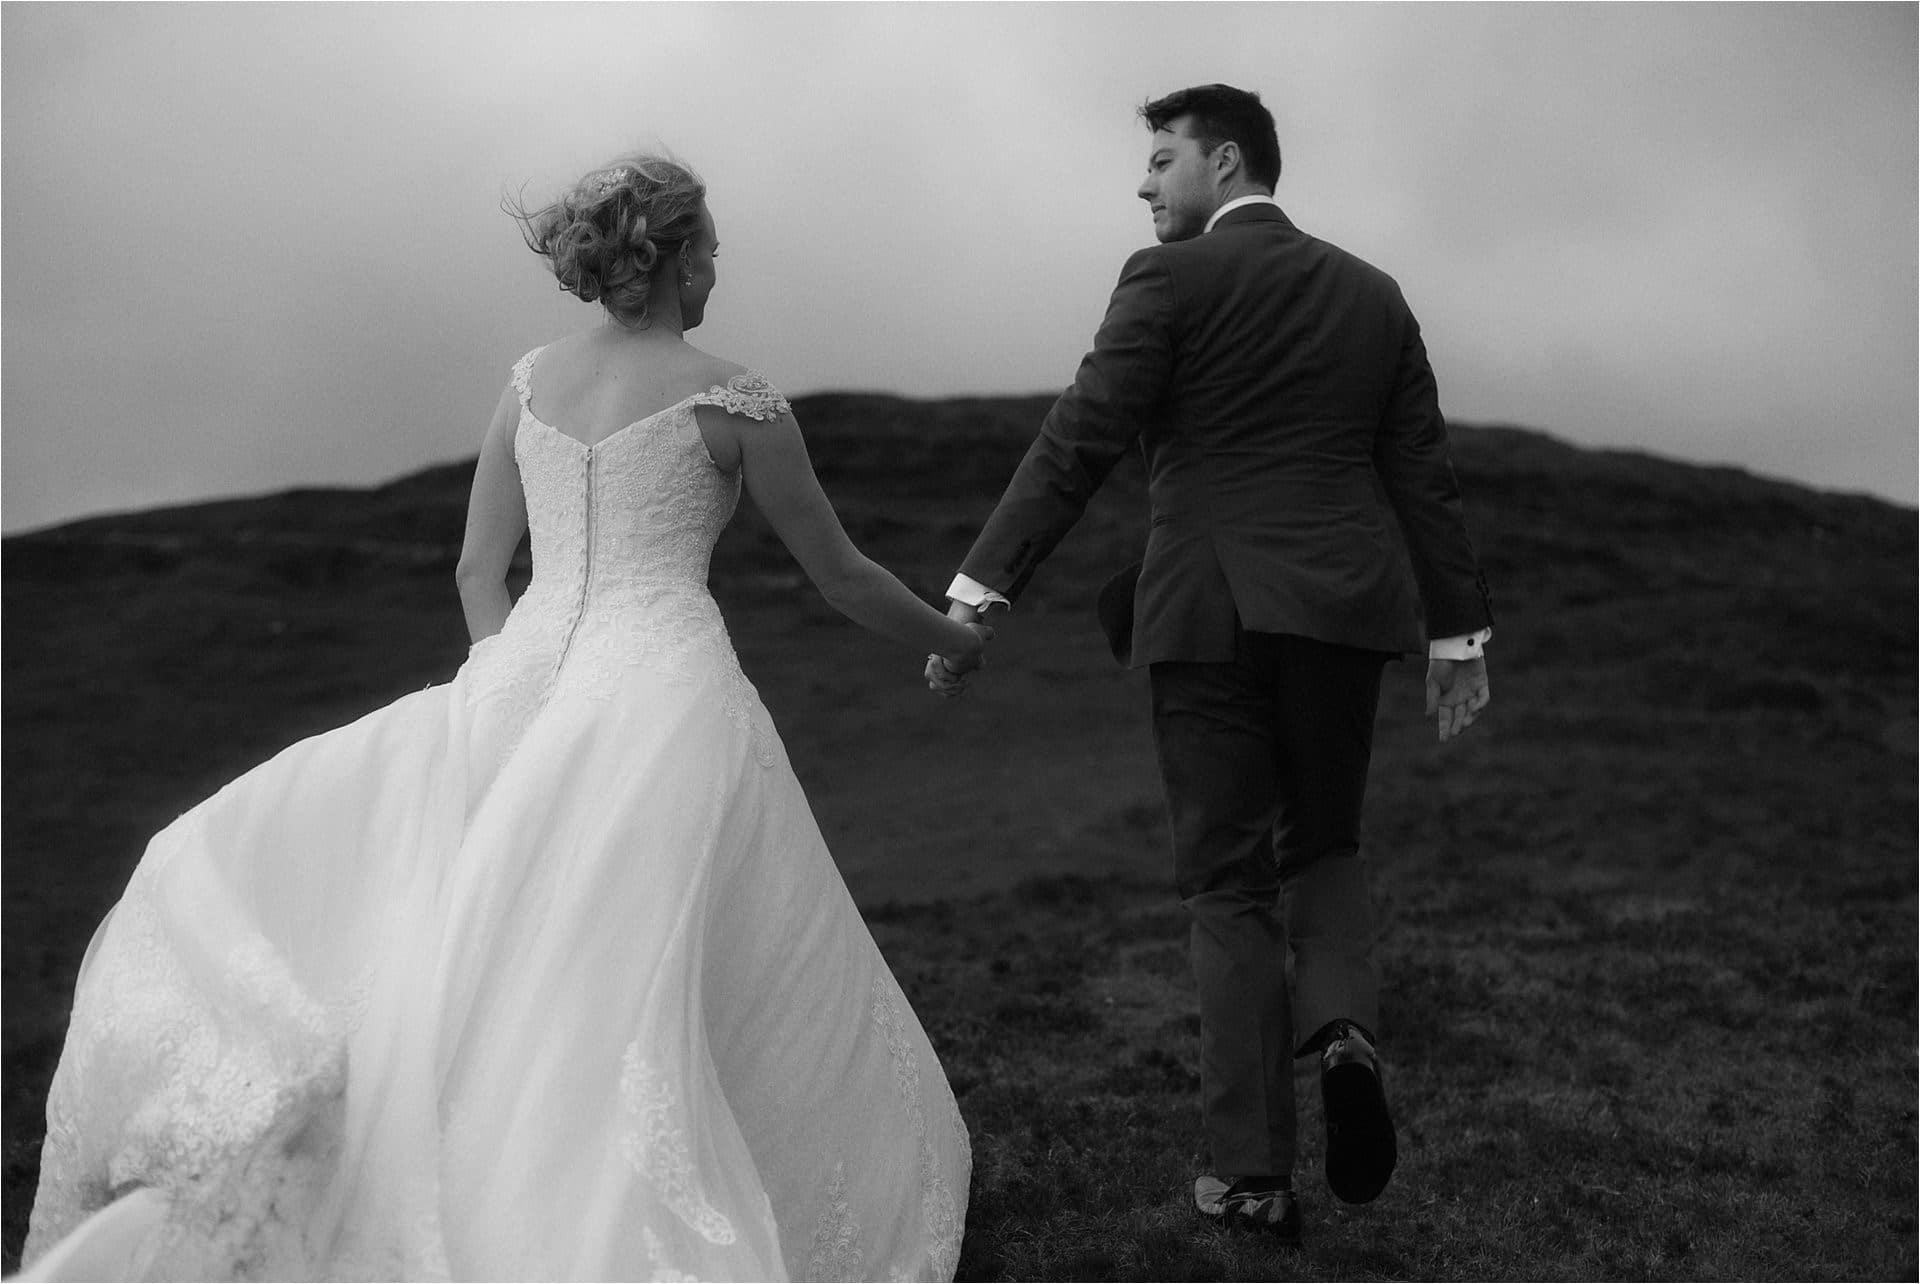 isle of skye elopement couple walking in the landscape